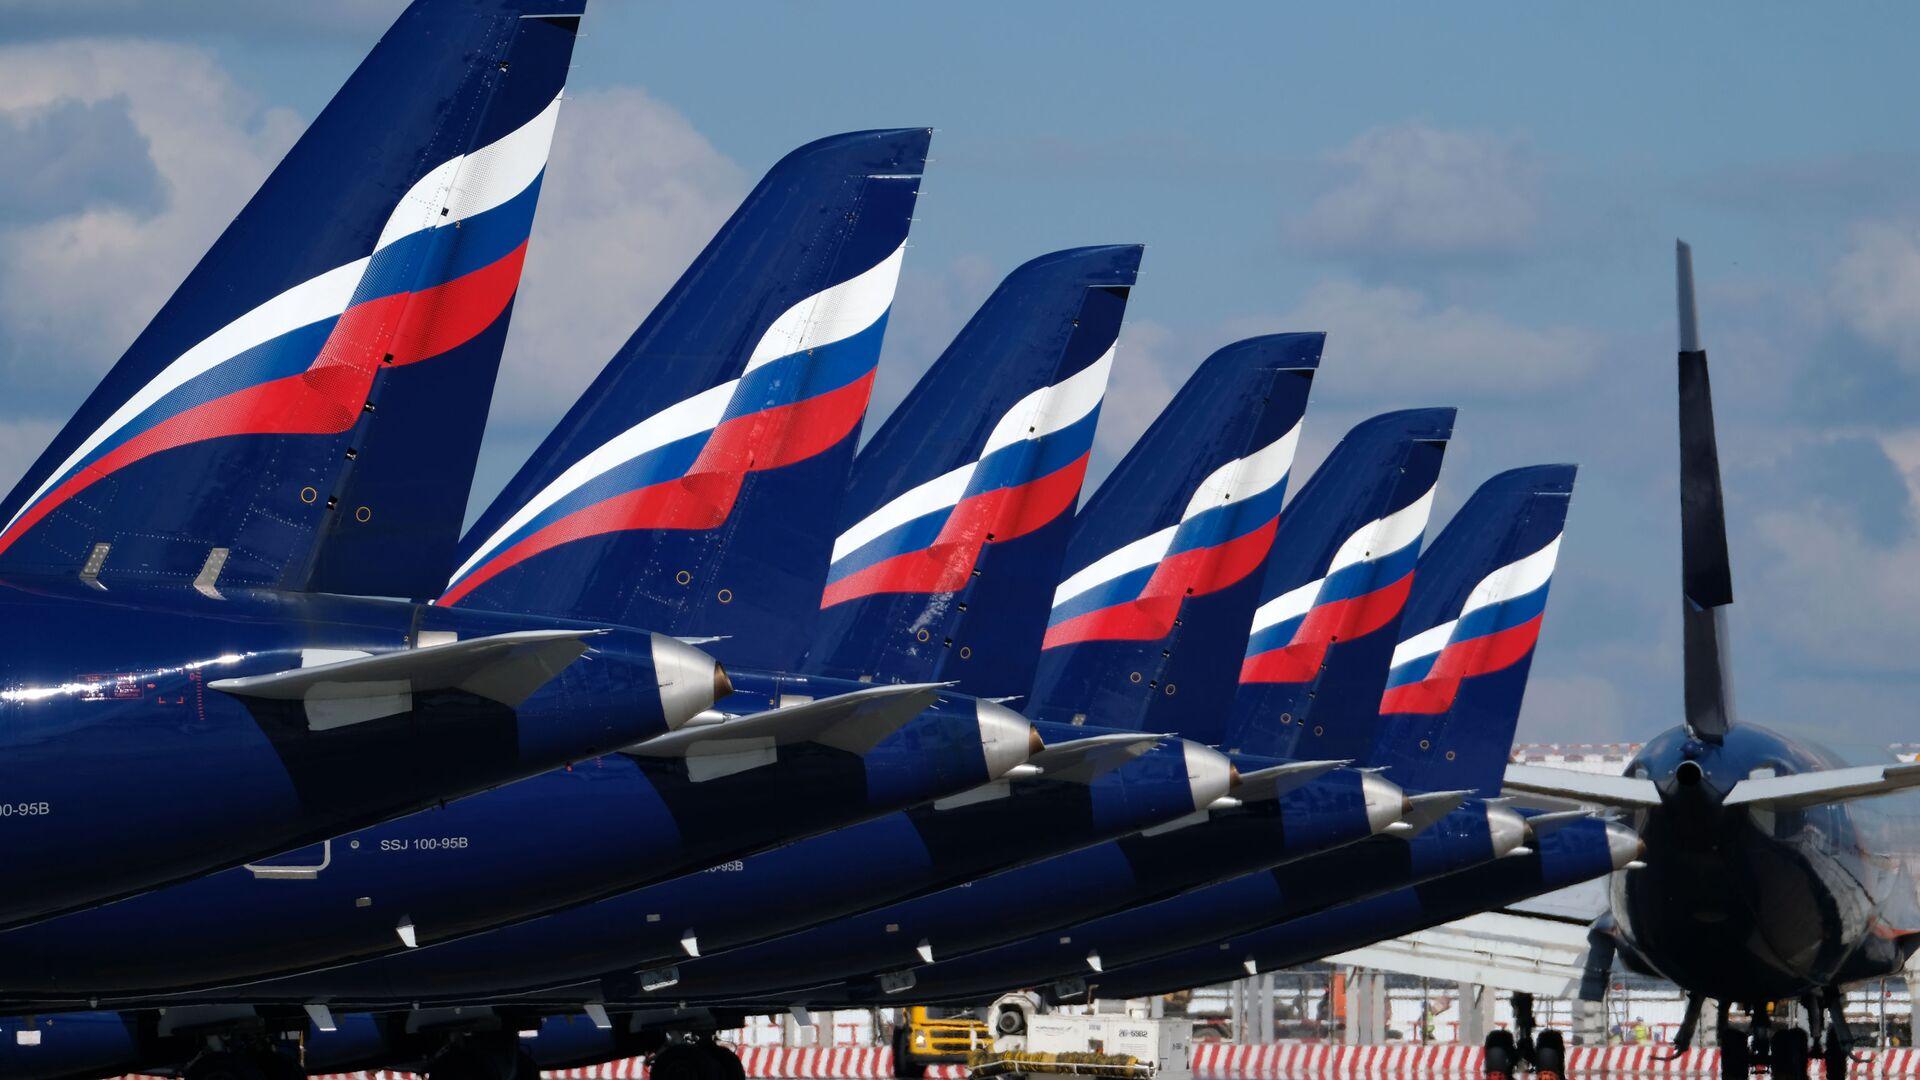 Самолеты в аэропорту Шереметьево - РИА Новости, 1920, 01.12.2020